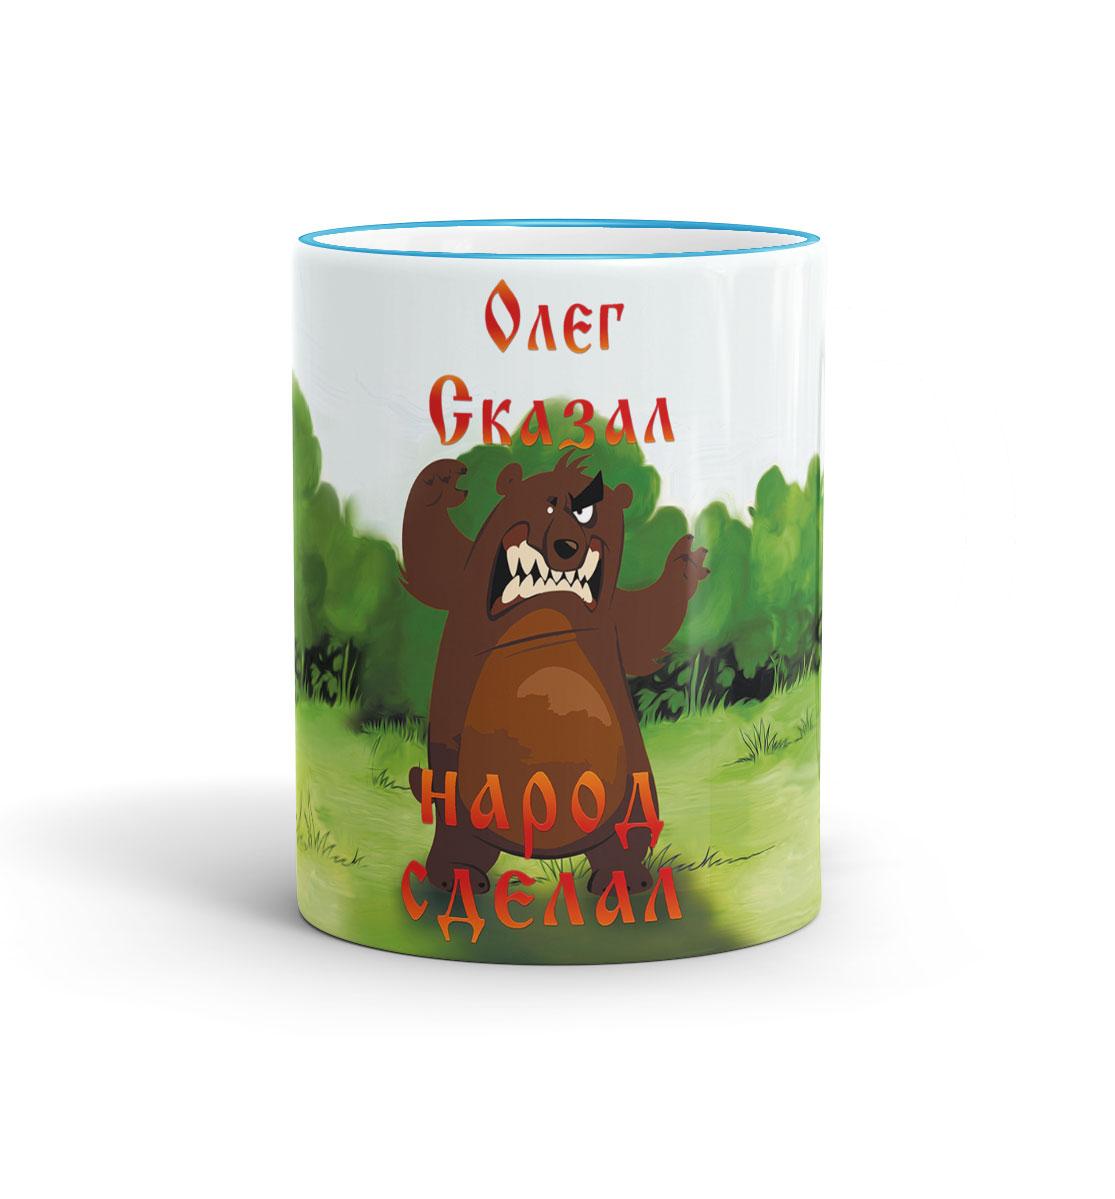 Купить Олег сказал, Printbar, Кружки, OLG-606826-kru